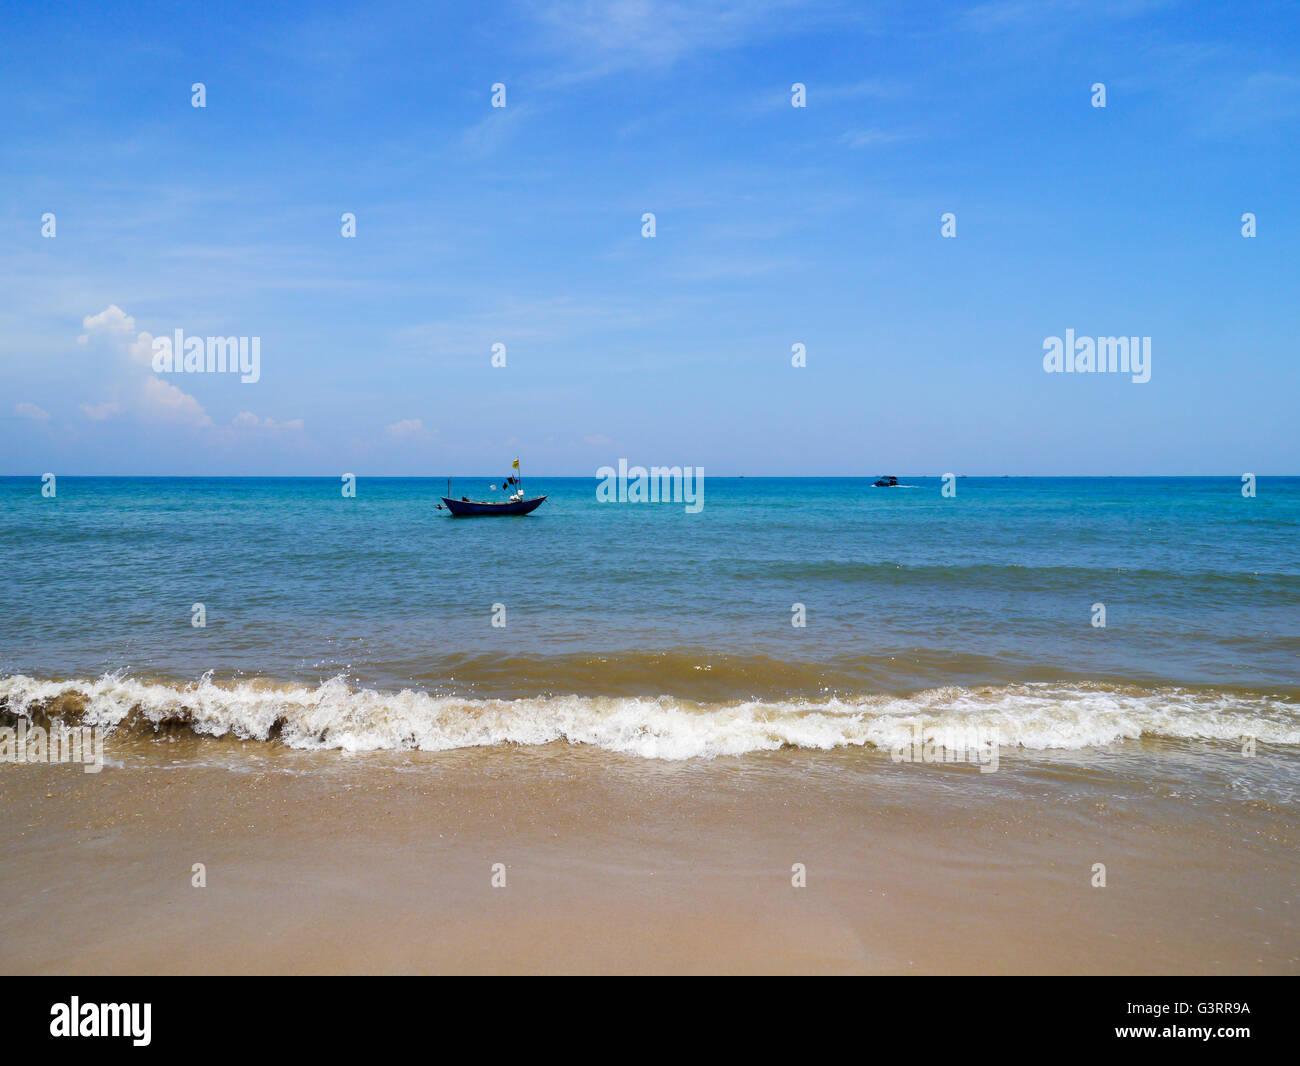 Weizhou Island of Guangxi province in the Gulf of Tonkin, China. Stock Photo